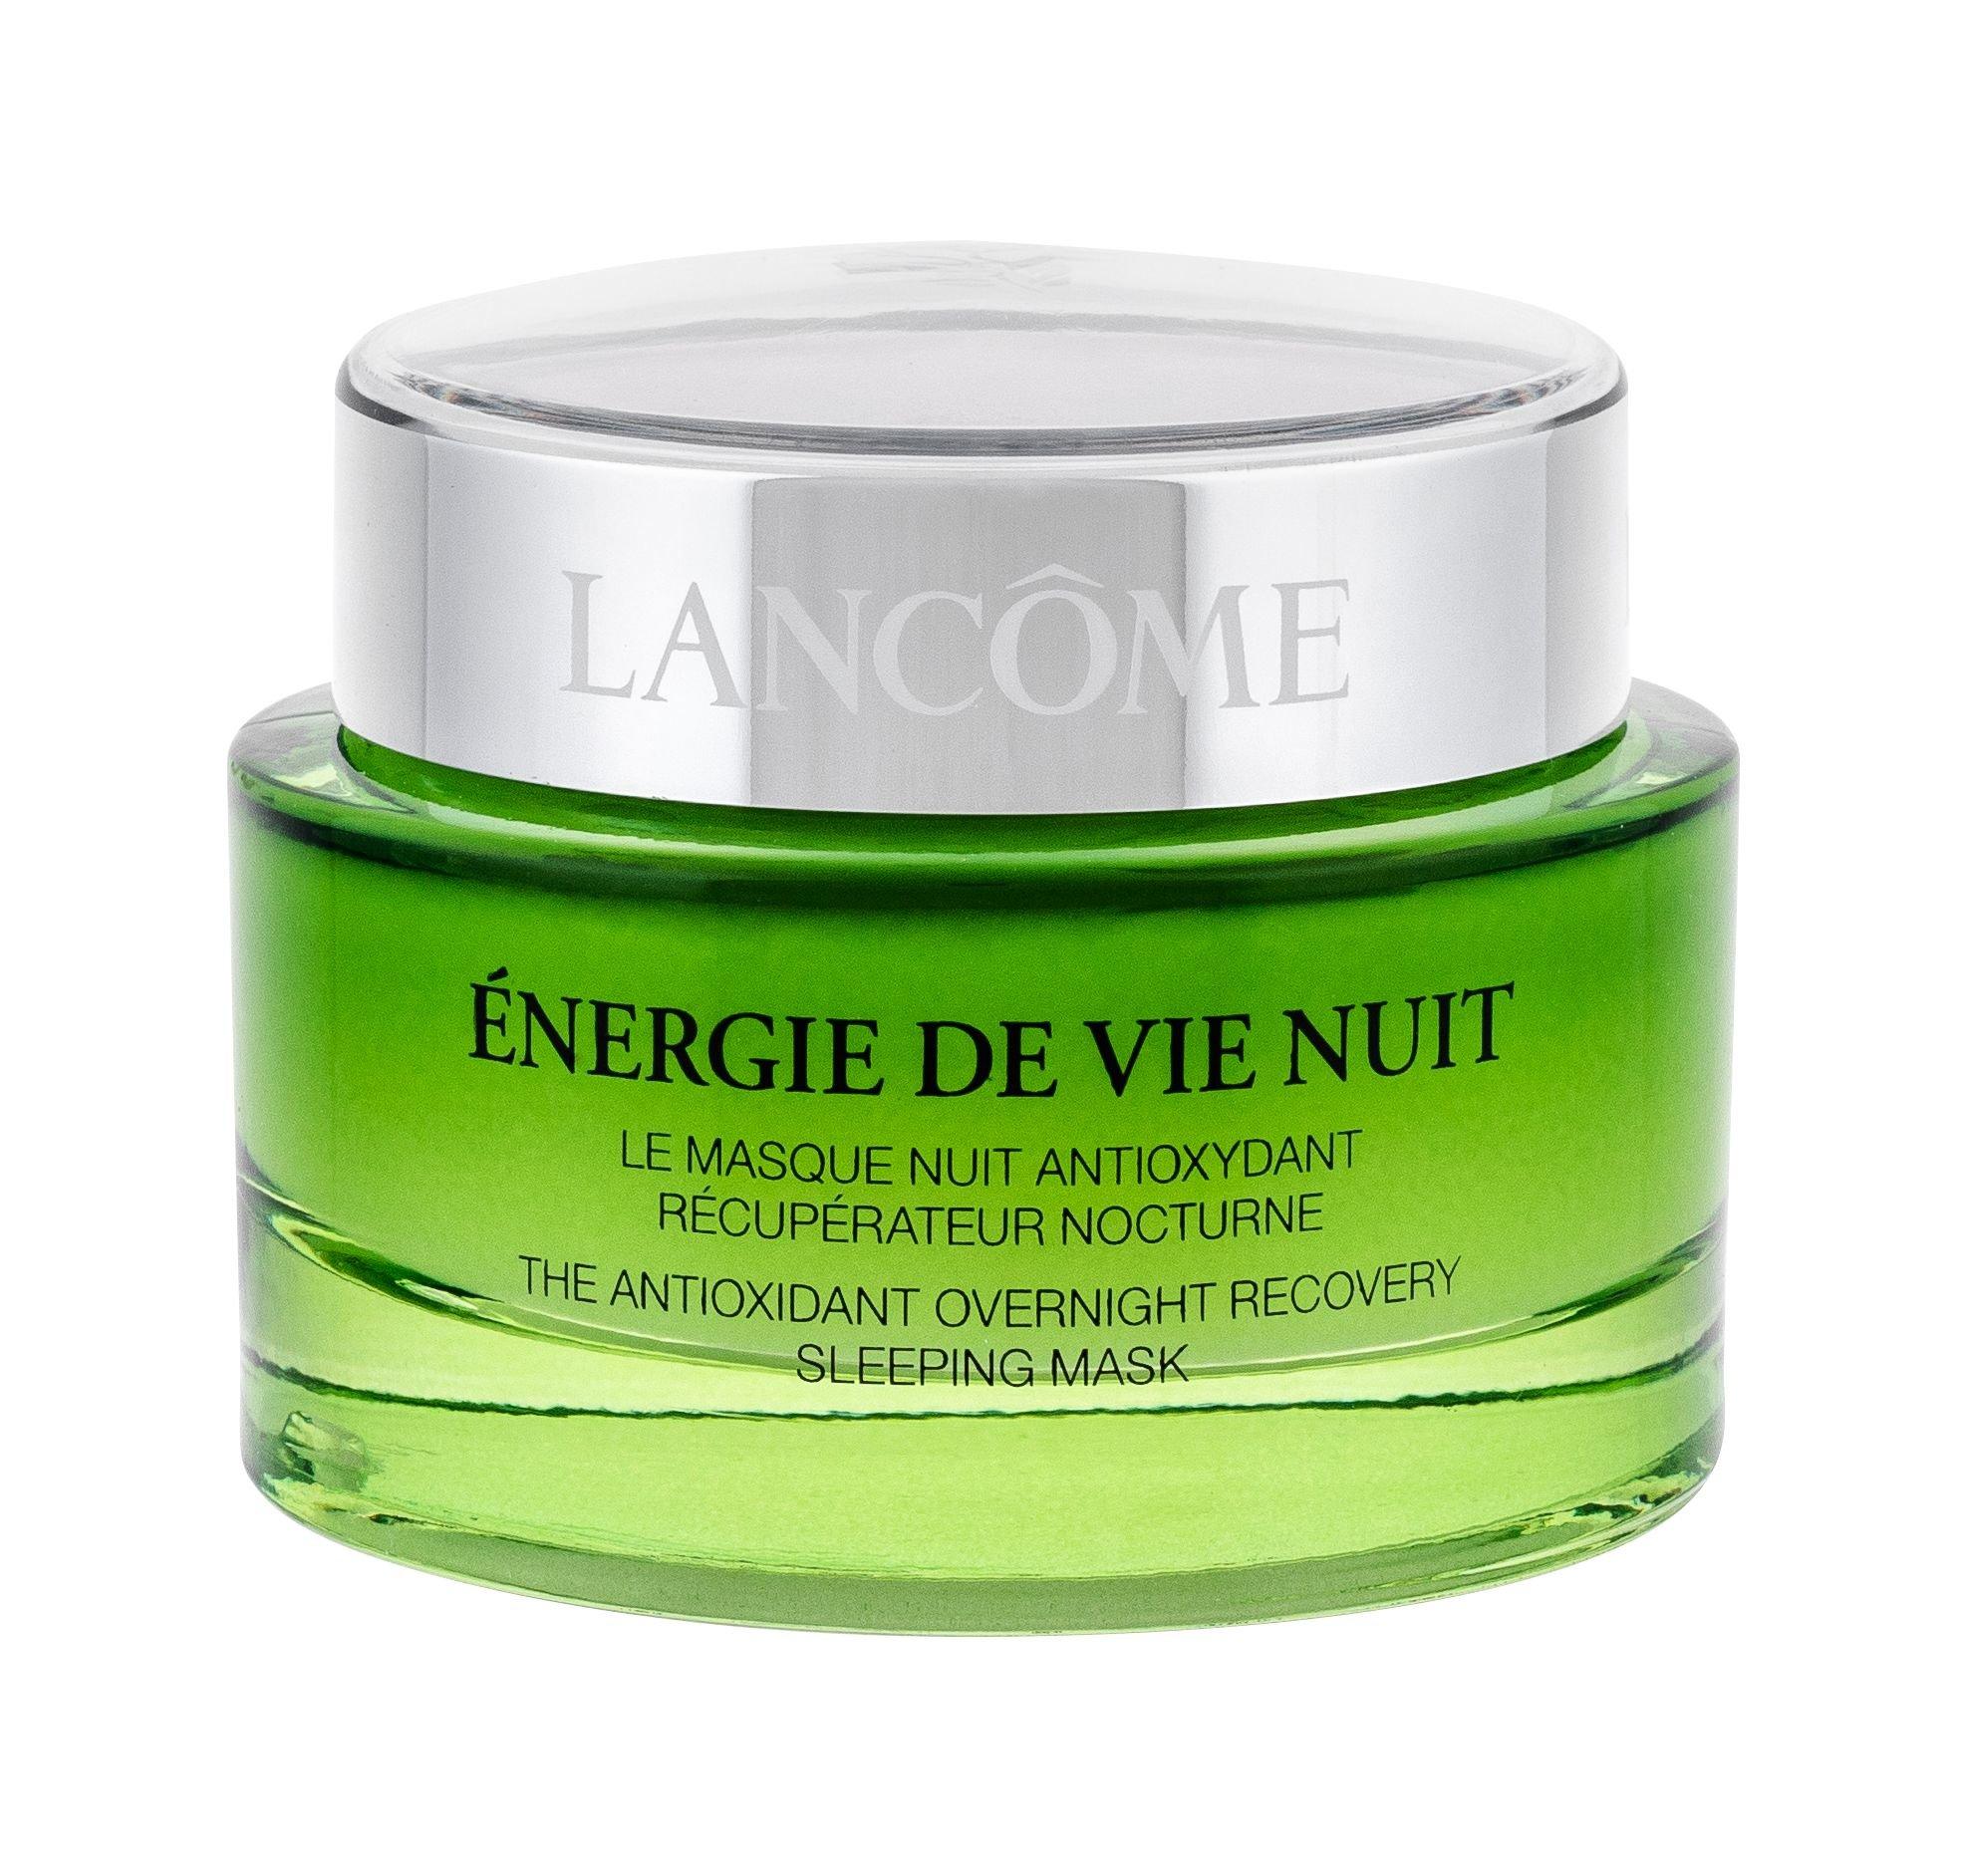 Lancôme Énergie De Vie Nuit Face Mask 75ml